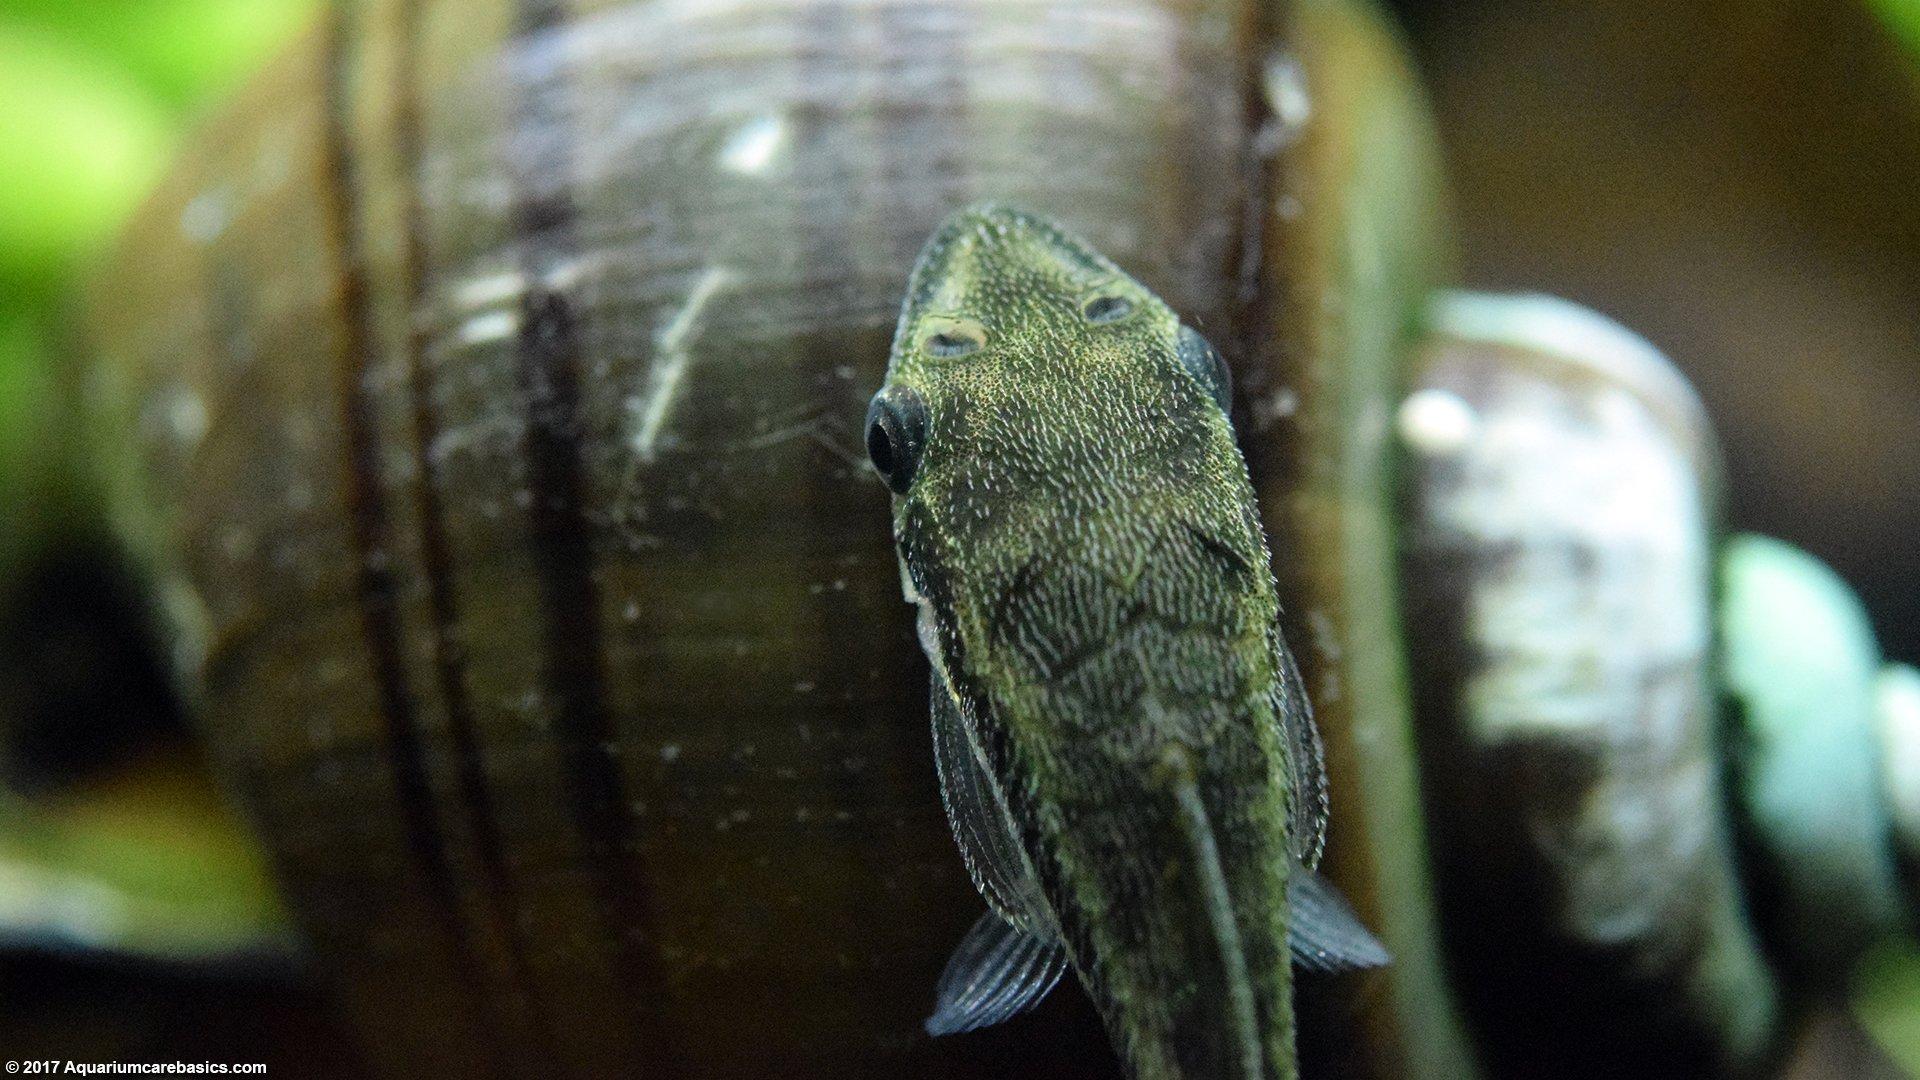 Midget suckermouth catfish galleries 397